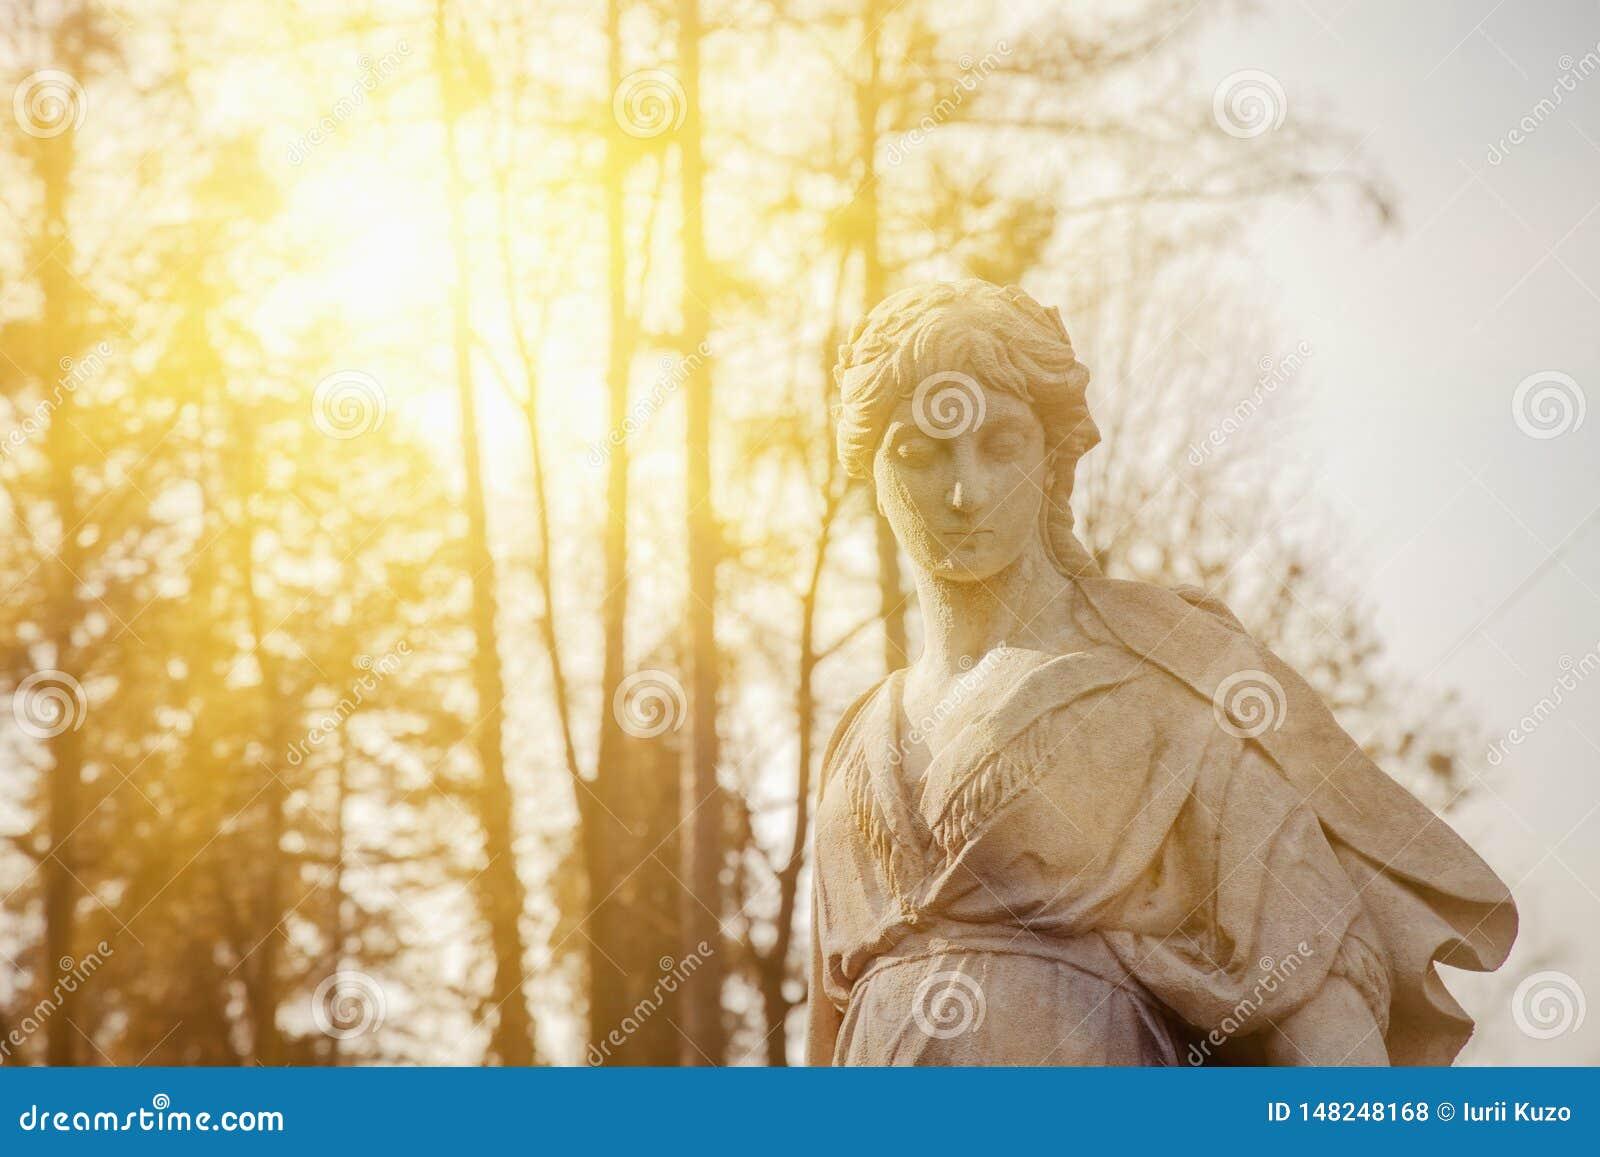 La déesse de l amour en mythologie grecque, Aphrodite Venus dans le fragment de mythologie romaine de la statue antique au soleil